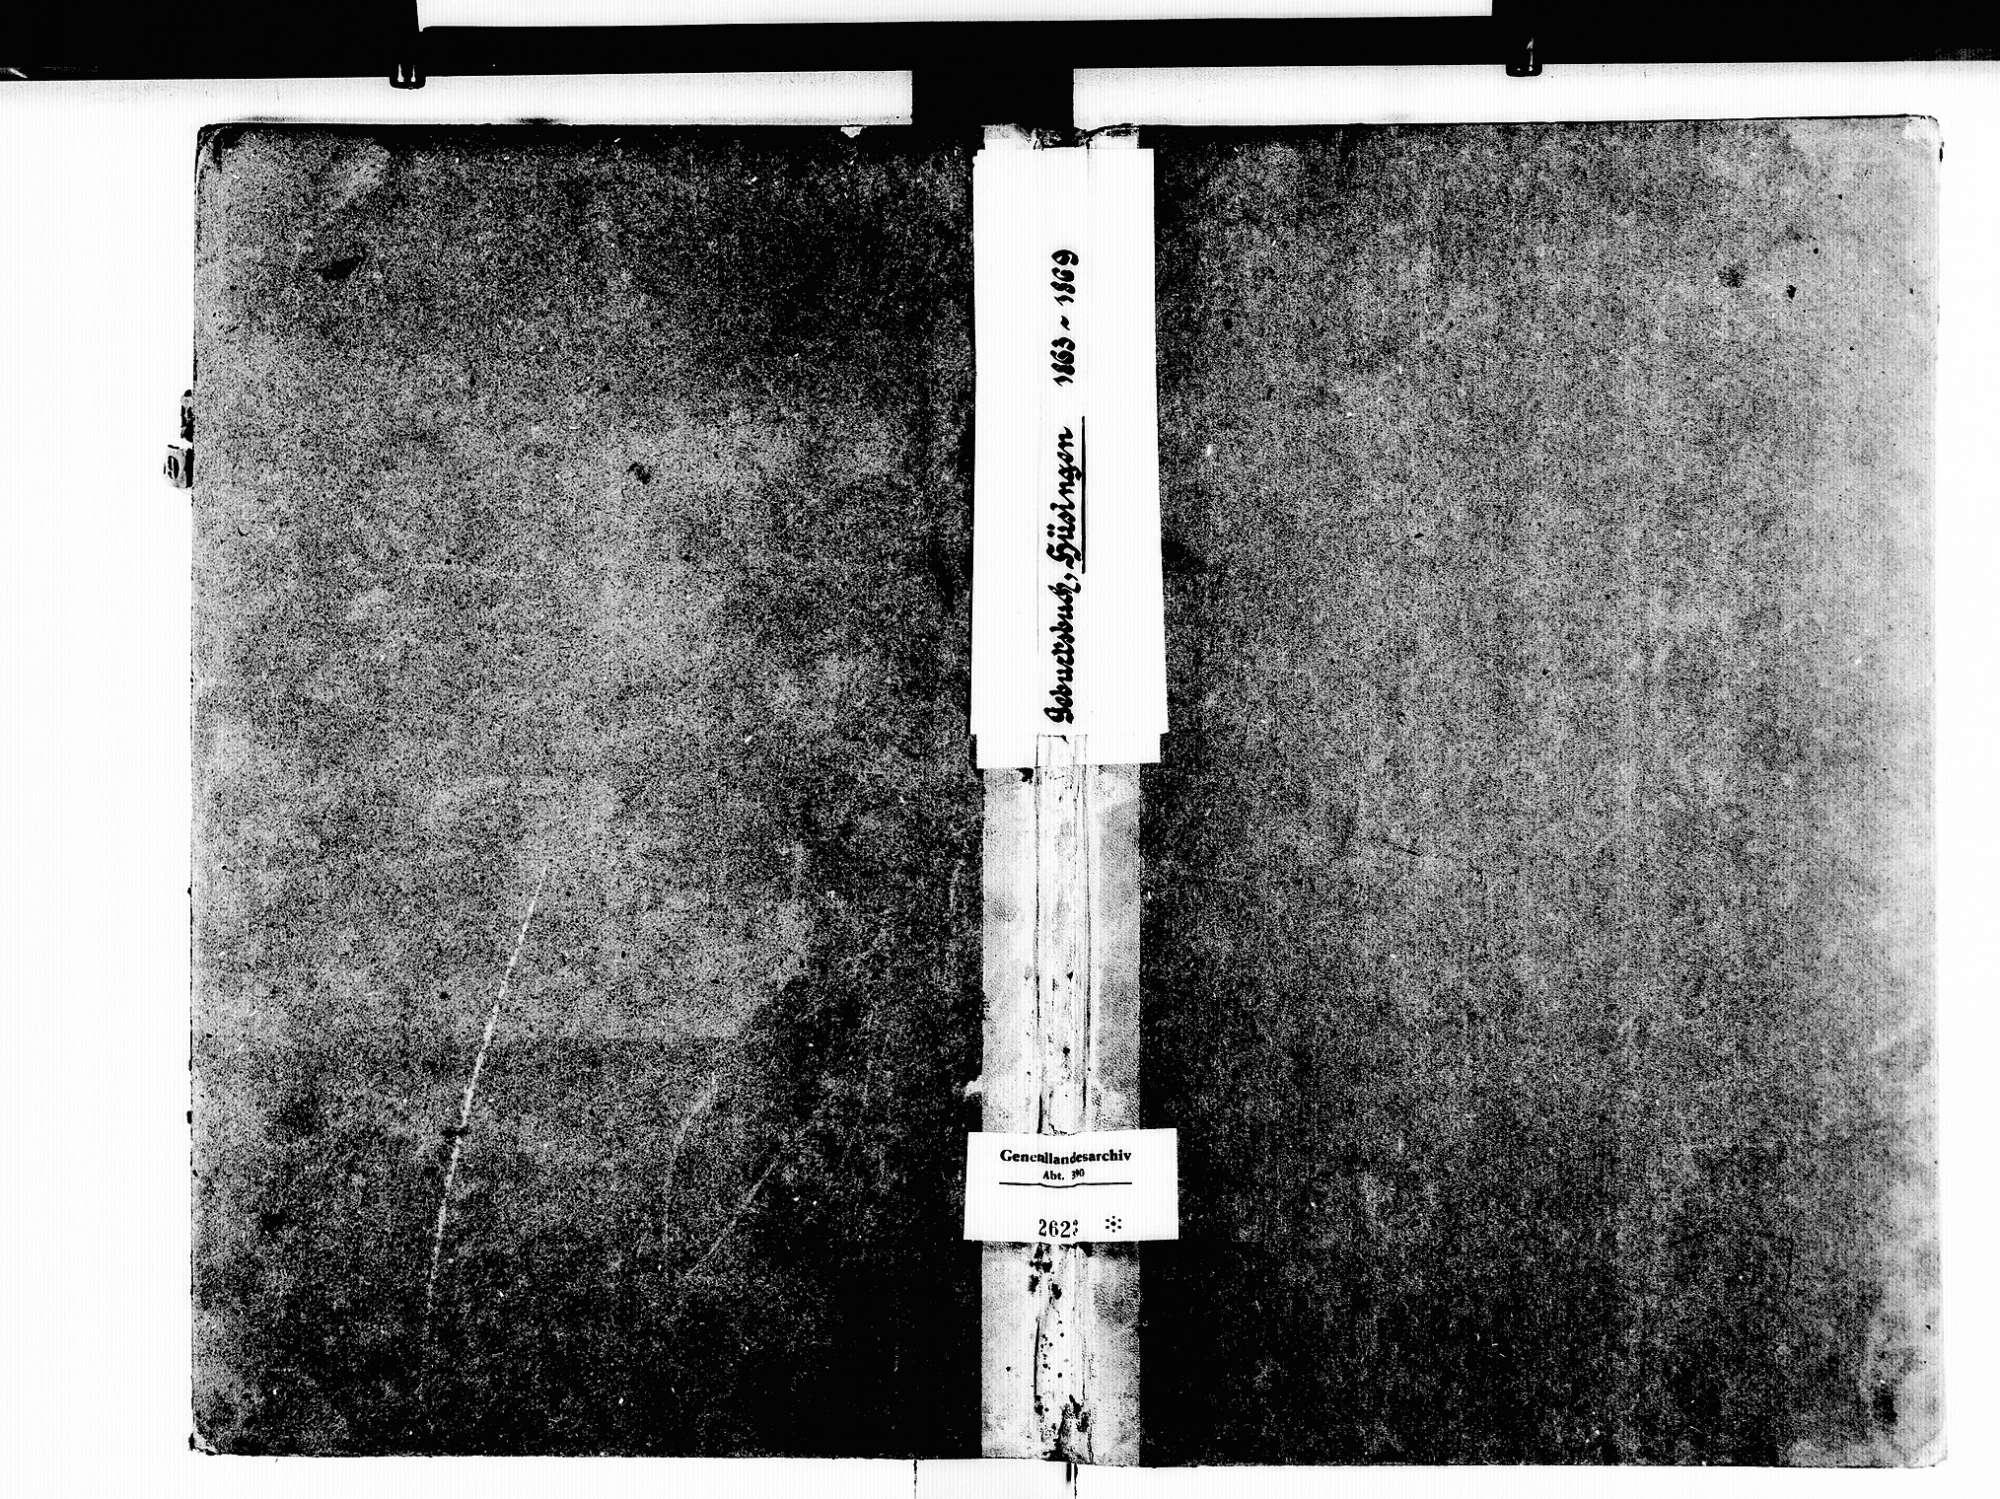 Hüsingen, Steinen LÖ; Evangelische Gemeinde: Geburtenbuch 1863-1869, Bild 1